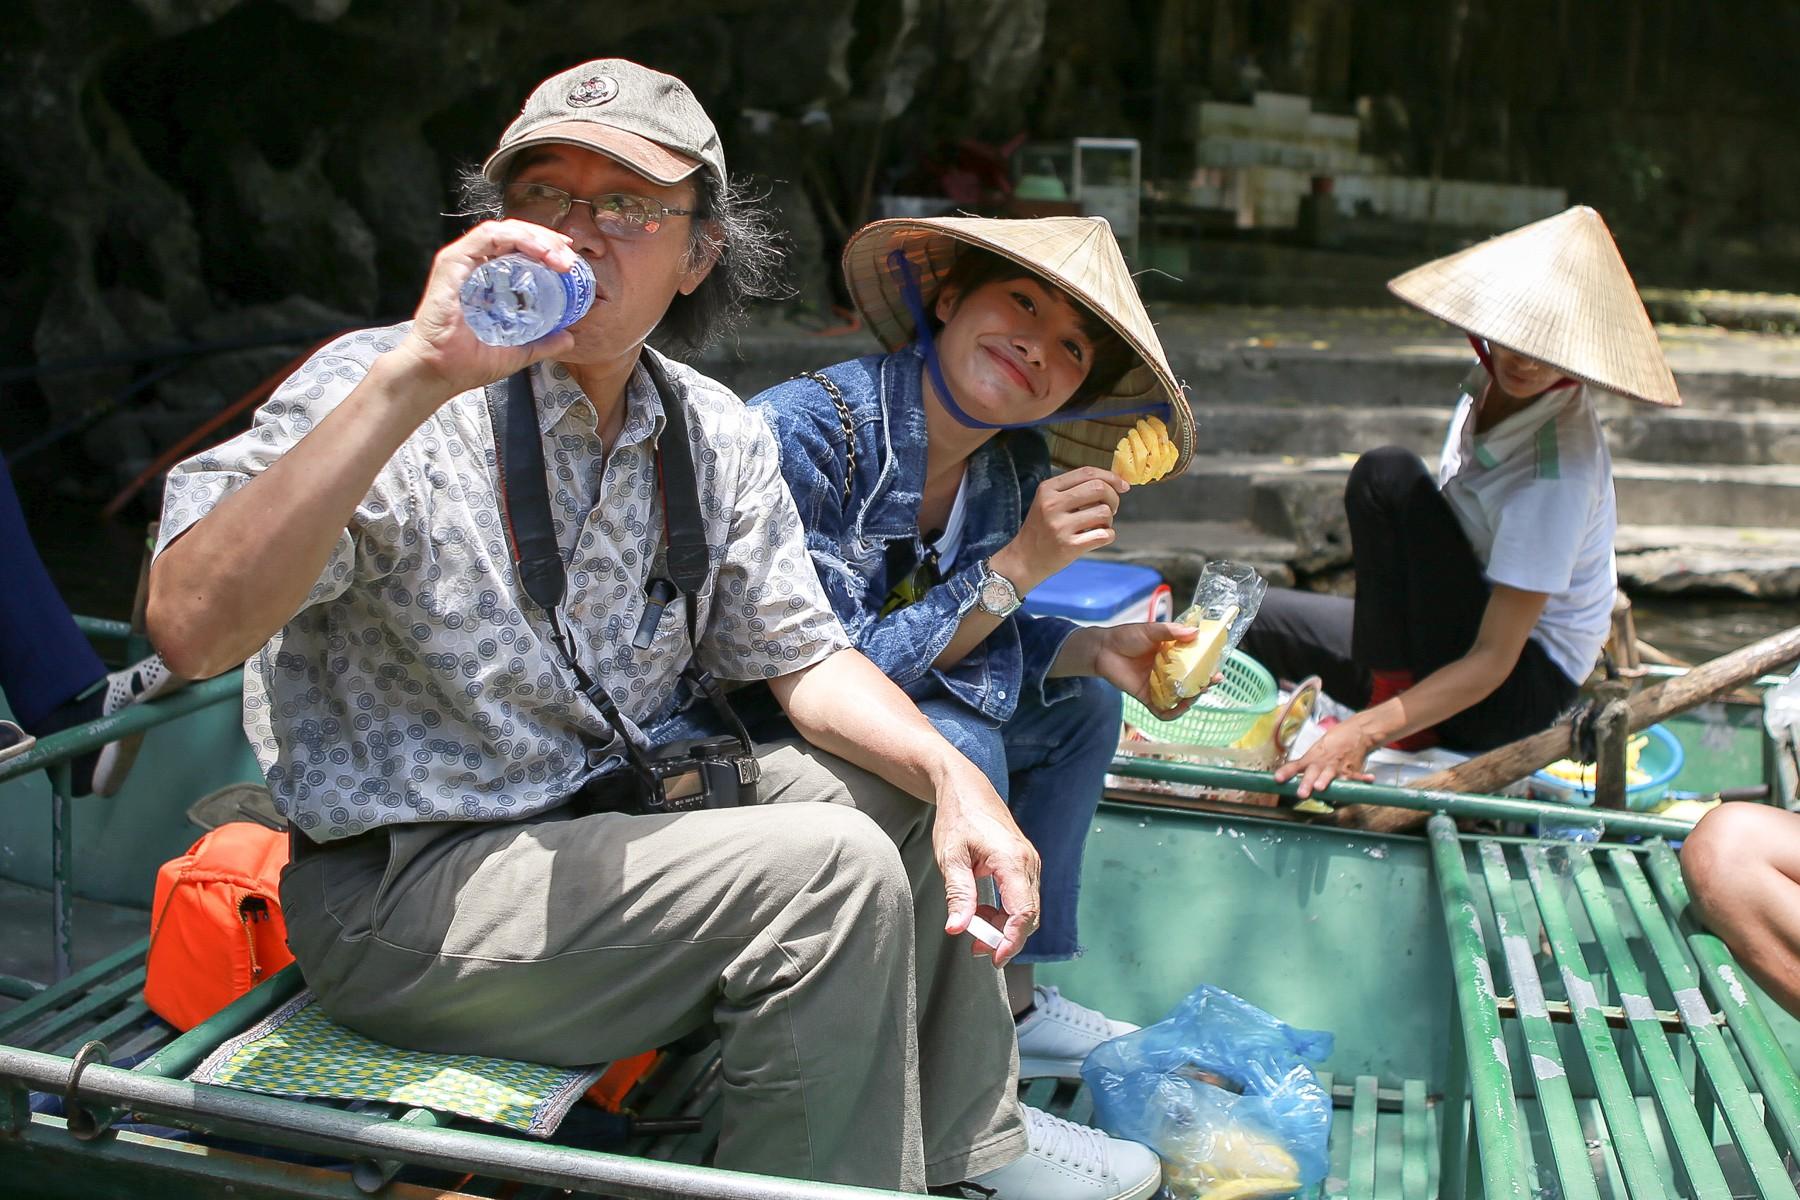 Hội ế Diệu Nhi - Sĩ Thanh - Yaya Trương Nhi bất ngờ gặp HLV Park Hang Seo tại Ninh Bình - Ảnh 6.